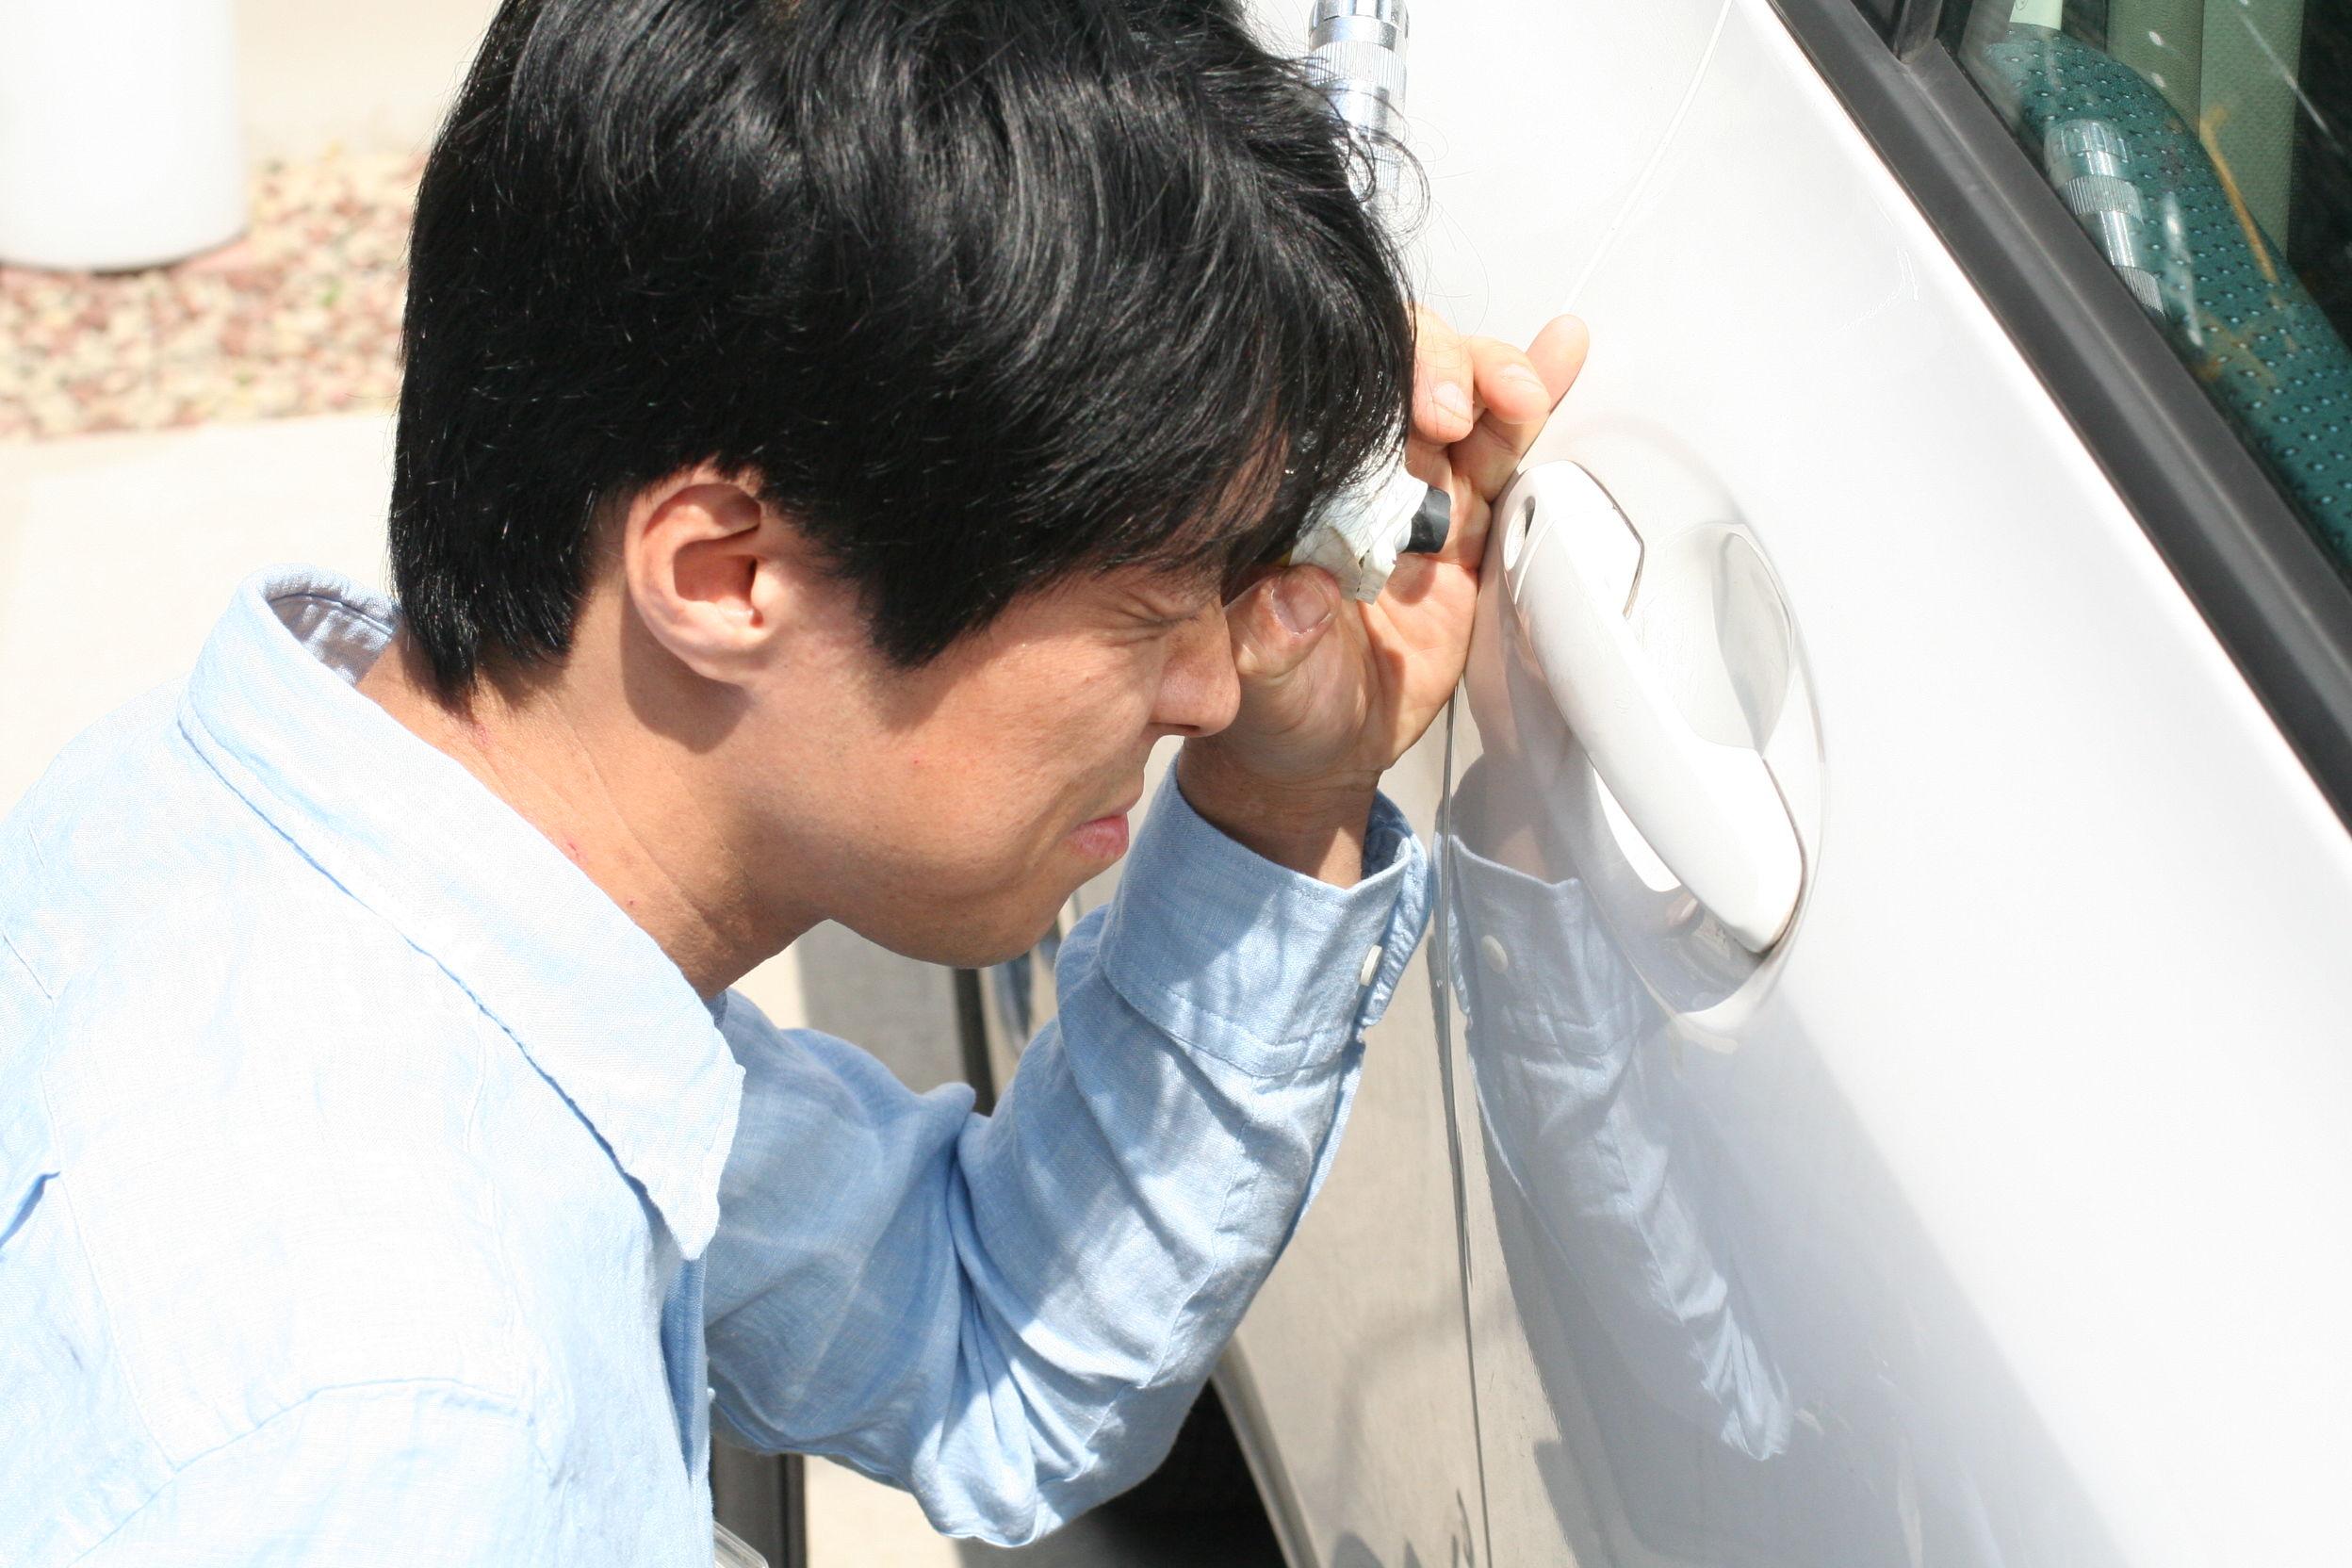 カギのトラブル救Q隊.24【中津川市 出張エリア】のメイン画像